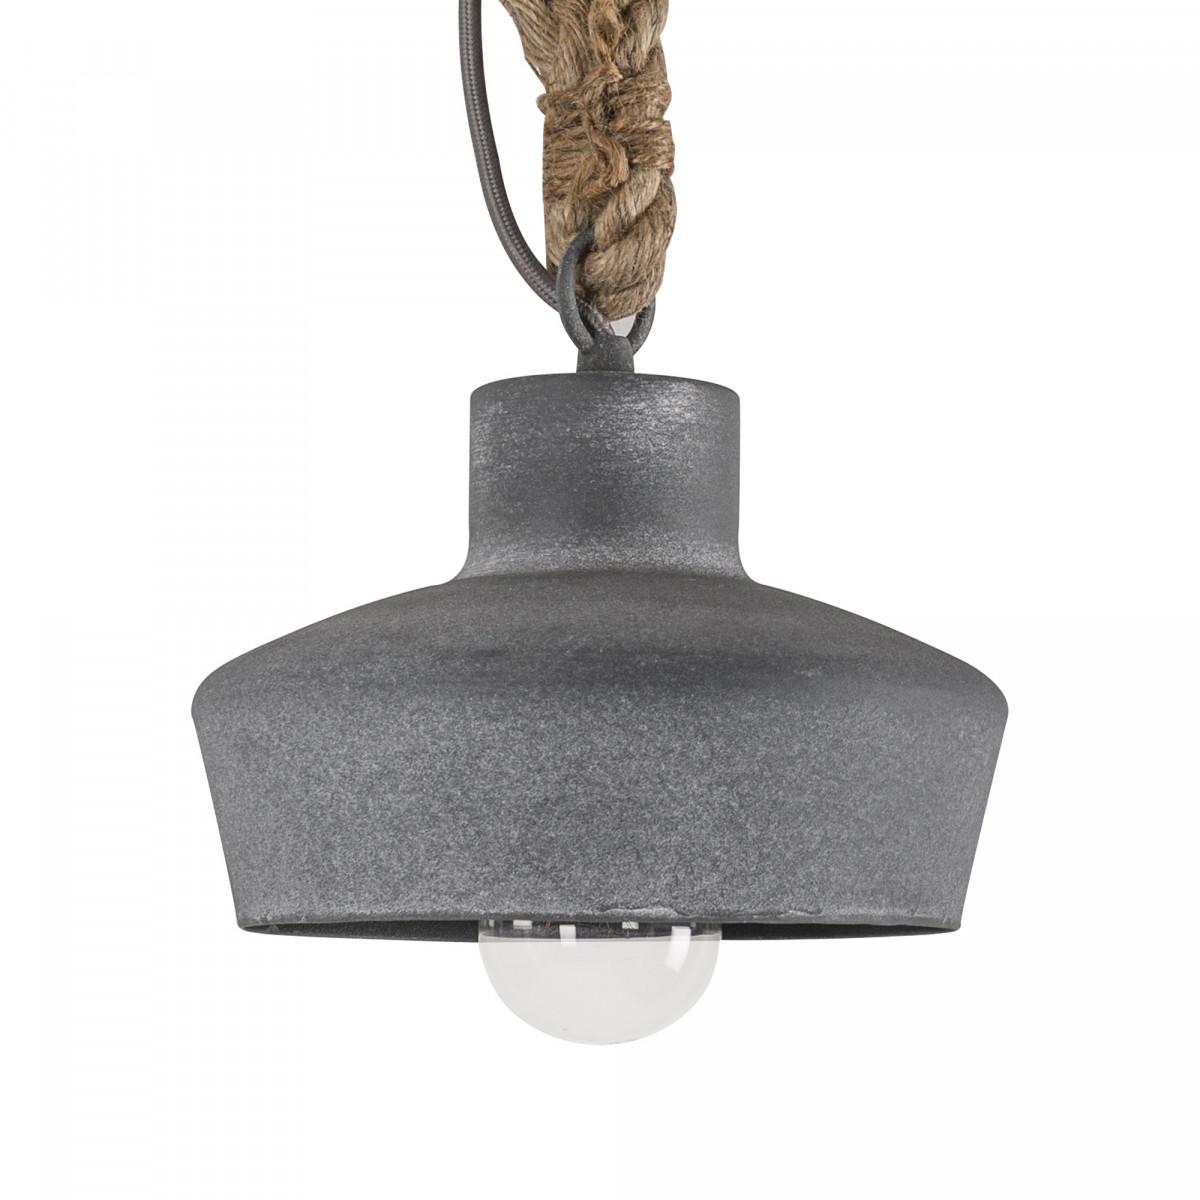 hanglamp-industrieel-beton-look-01-1200x1200